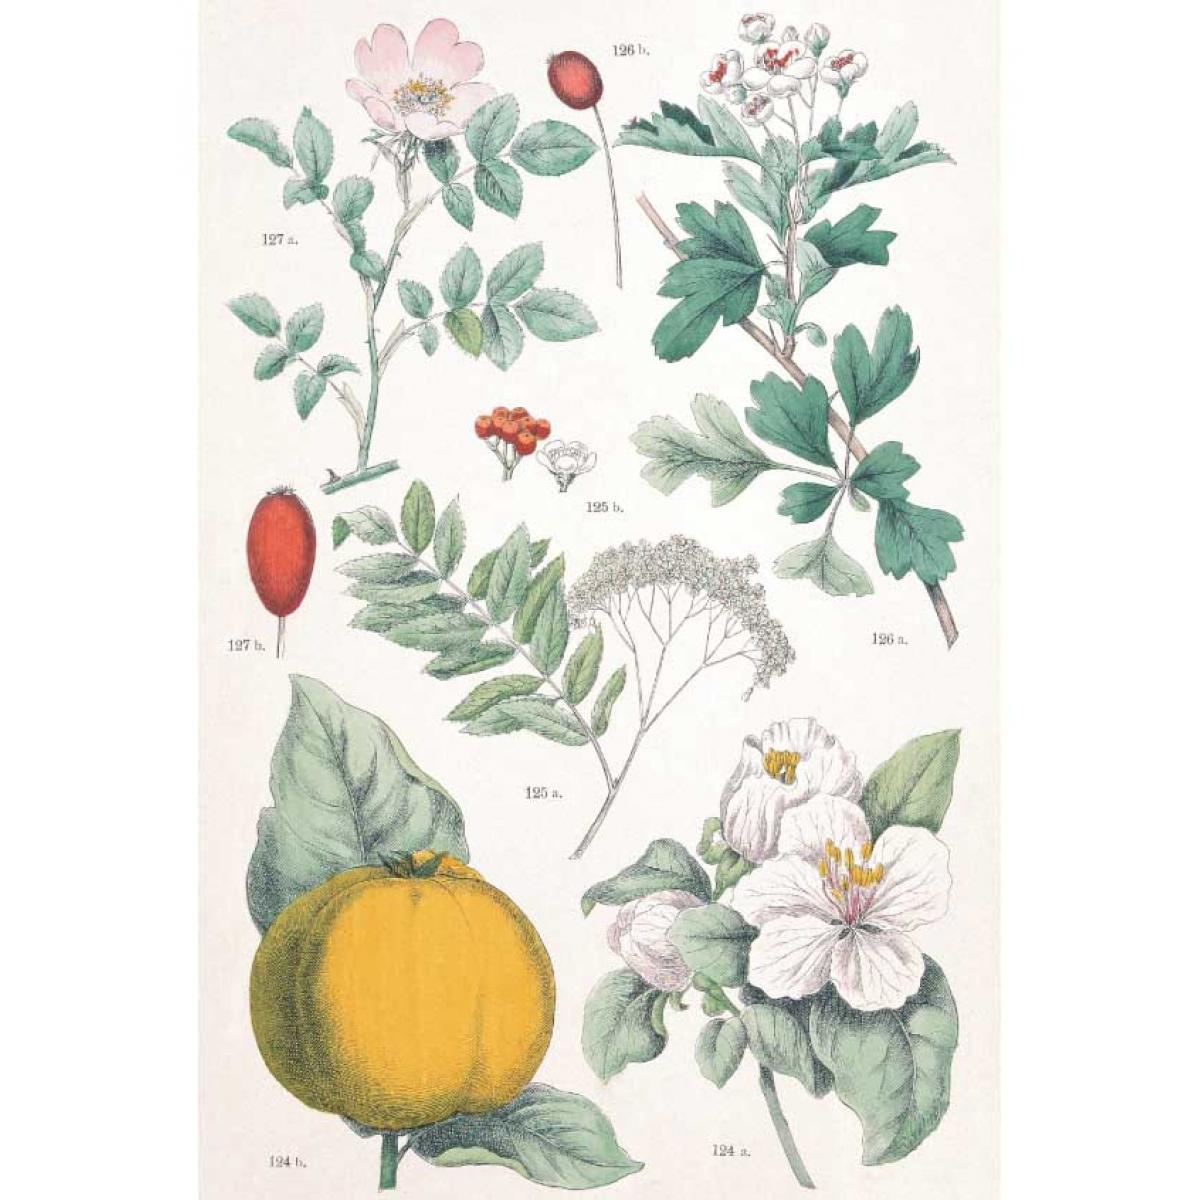 только ботаническая энциклопедия растений с иллюстрациями движения